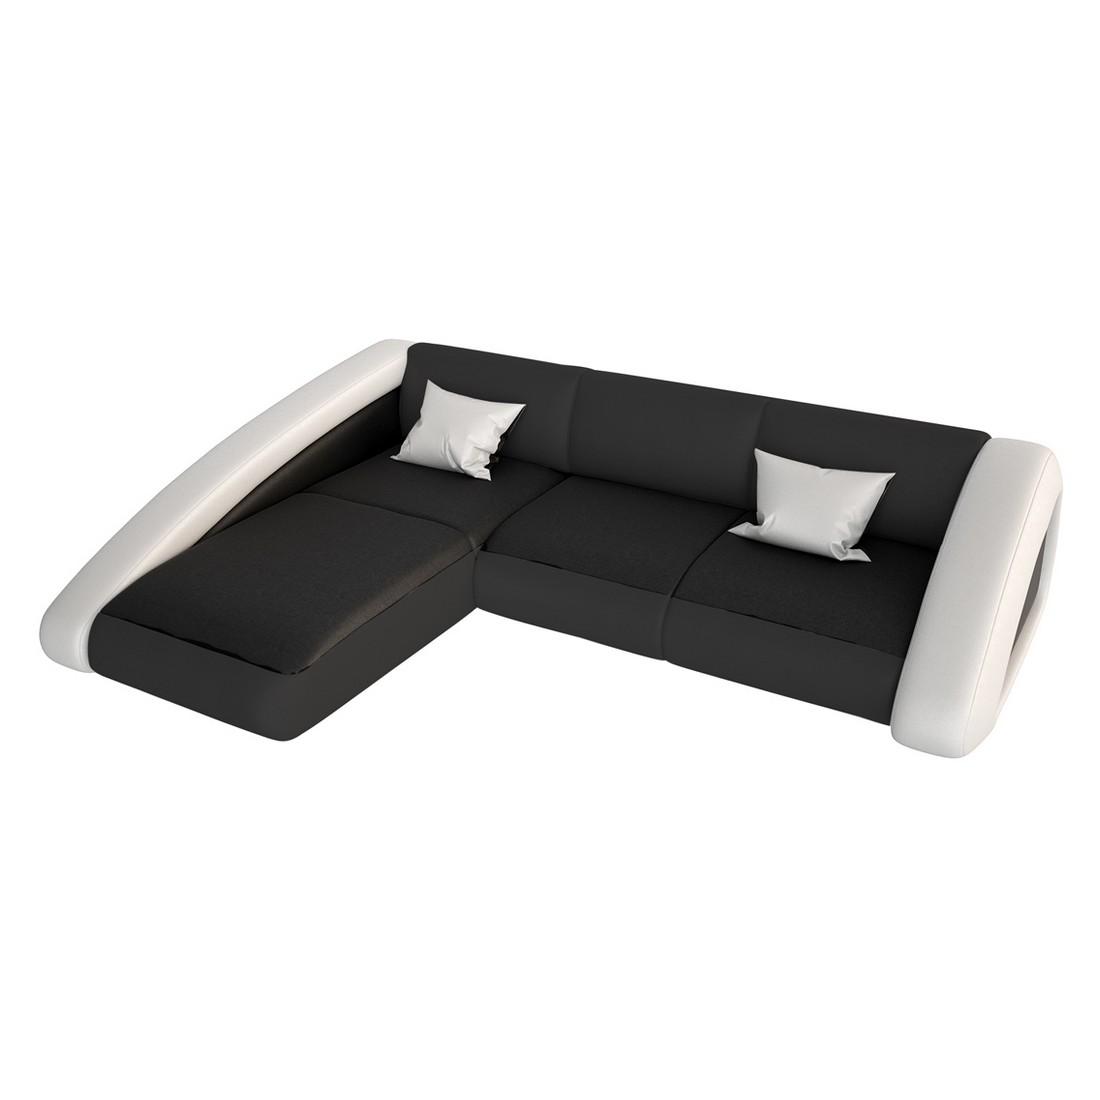 Ecksofa Nassau-L – Kunstleder schwarz, weiß – Recamiere rechts, Innocent günstig kaufen